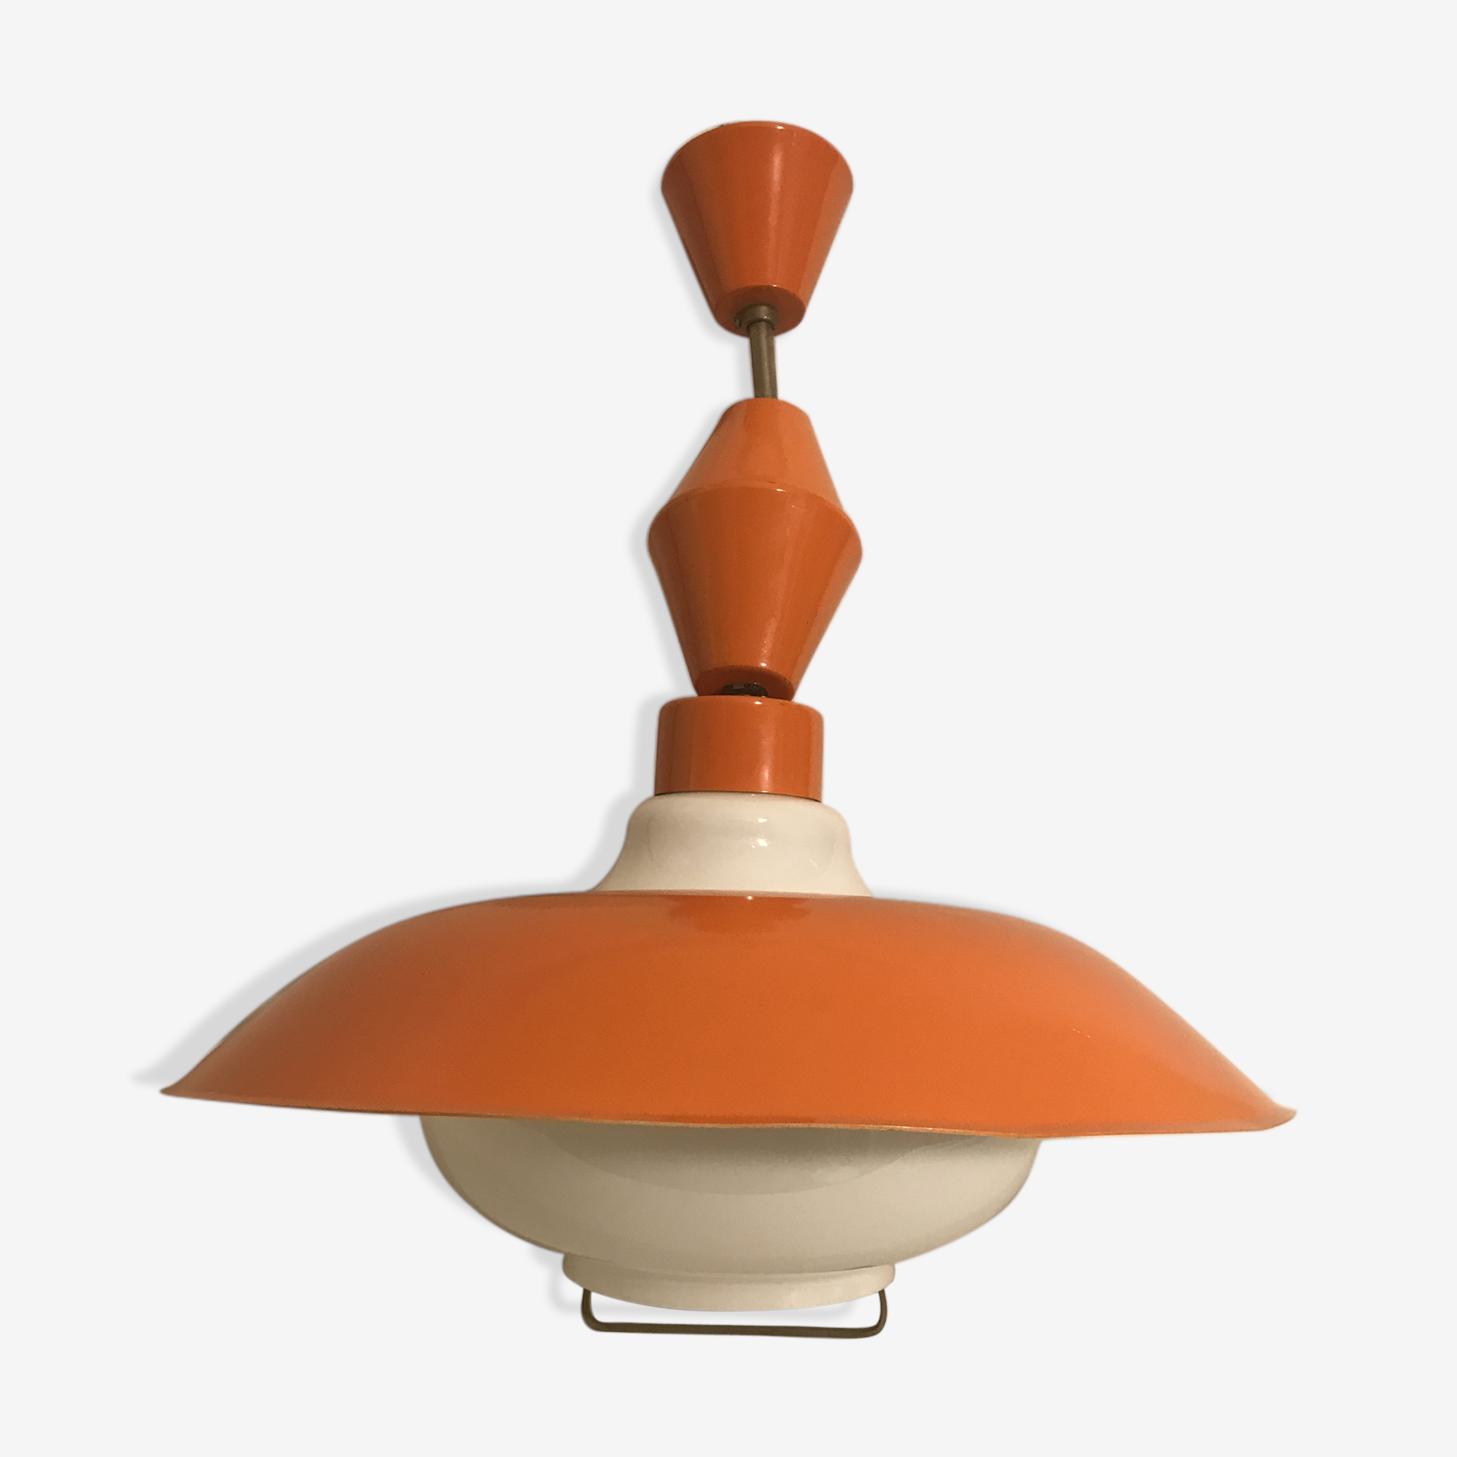 Suspension ancienne verre opalin blanc, support & globe métal orange annees 70 vintage